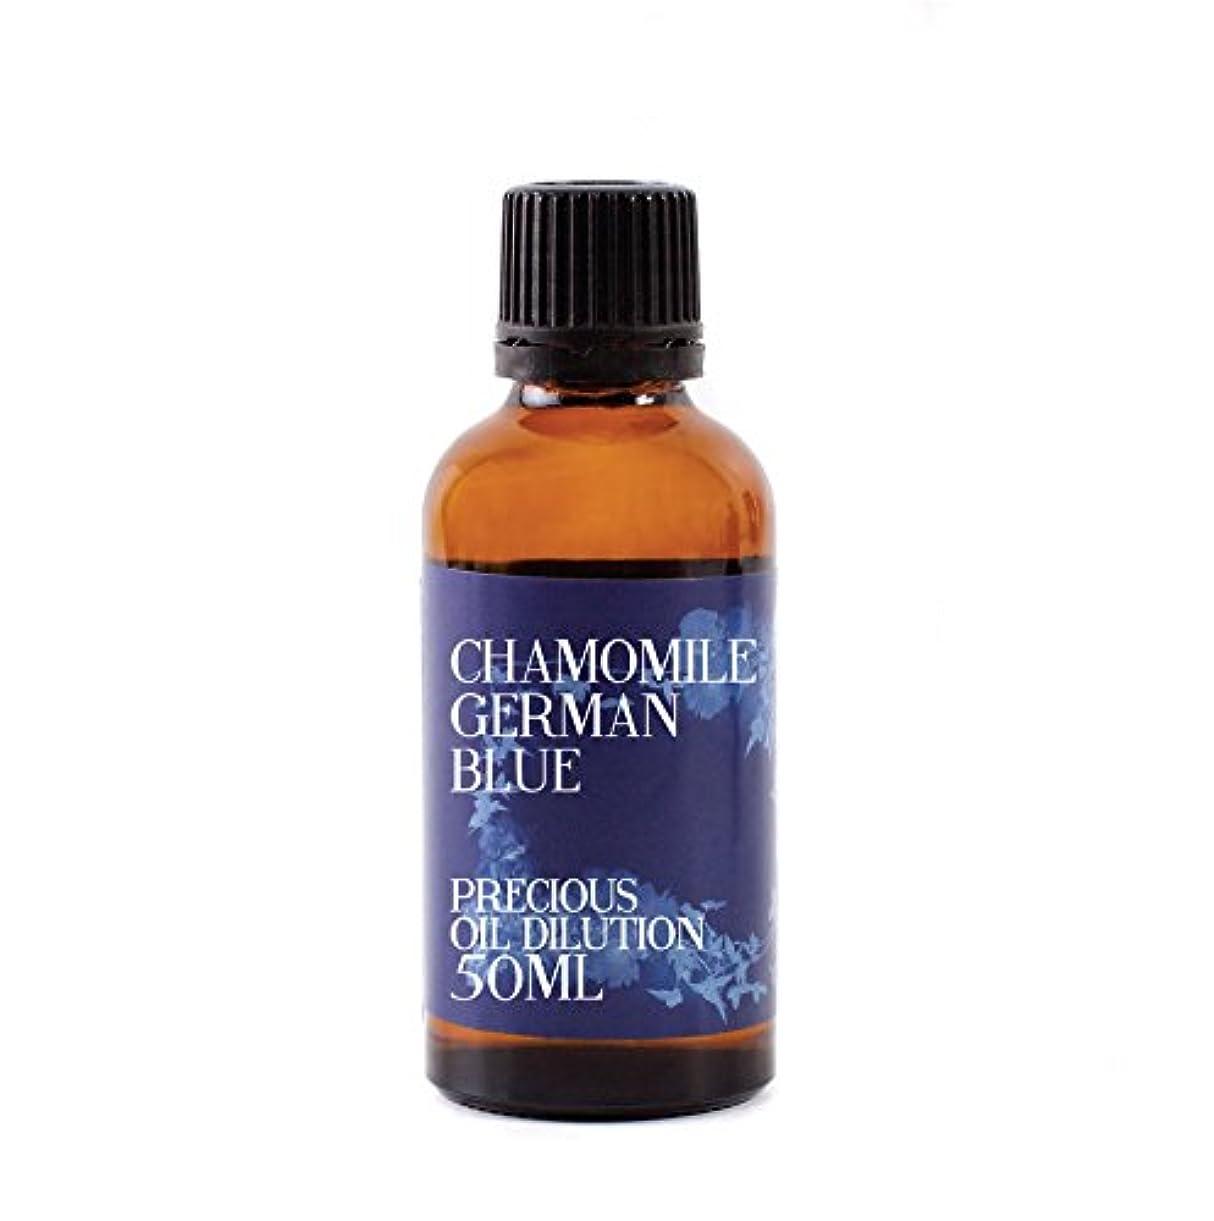 引く電信反論者Mystic Moments | Chamomile German Blue Essential Oil Dilution - 50ml - 3% Jojoba Blend